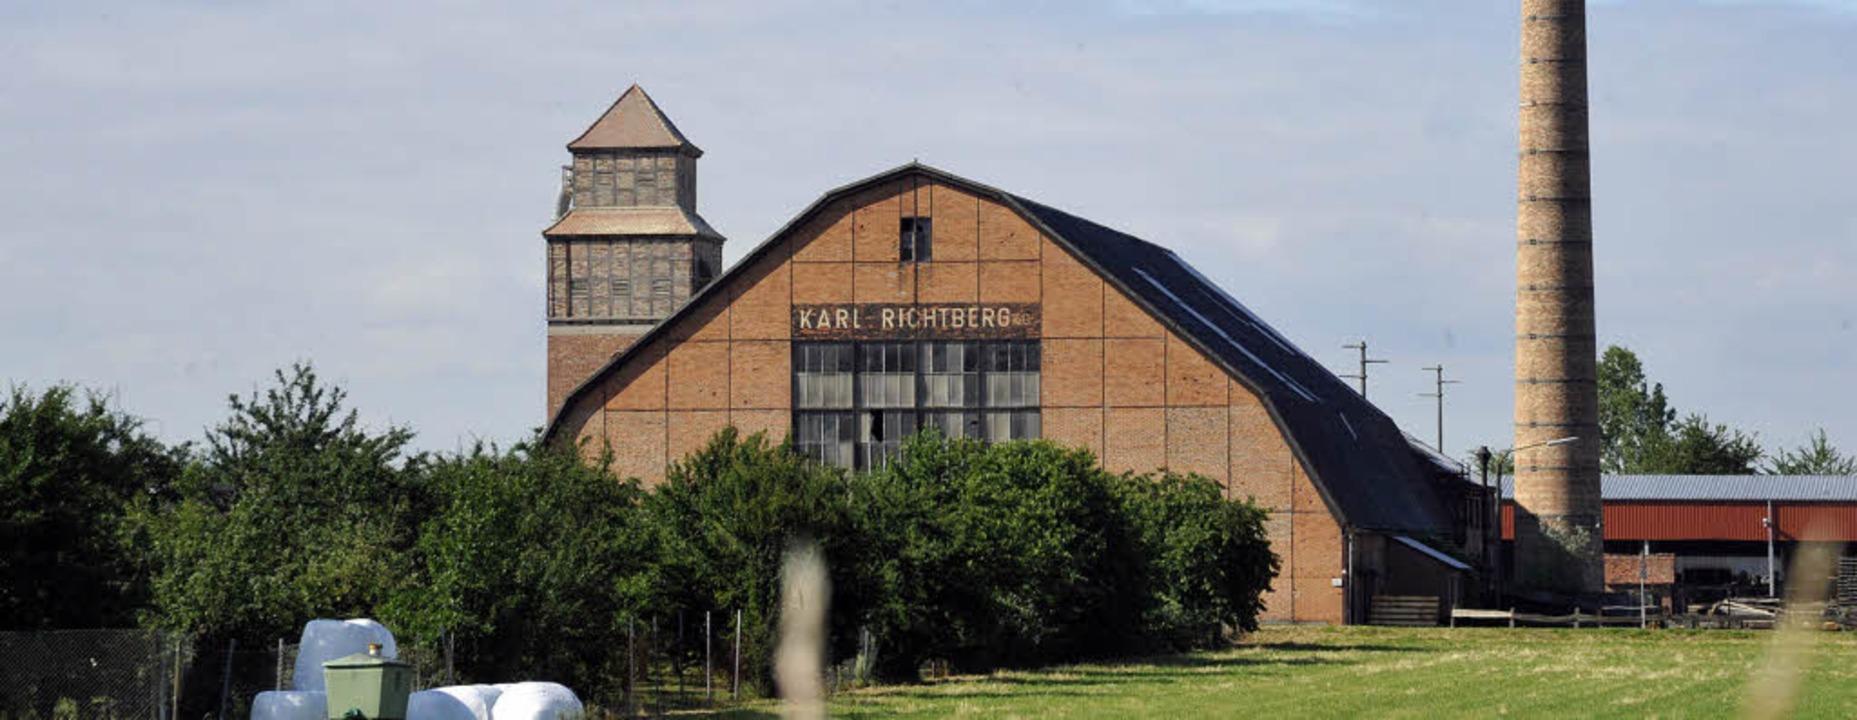 Die Schwellenfabrik Karl Richtberg   | Foto: Volker Münch